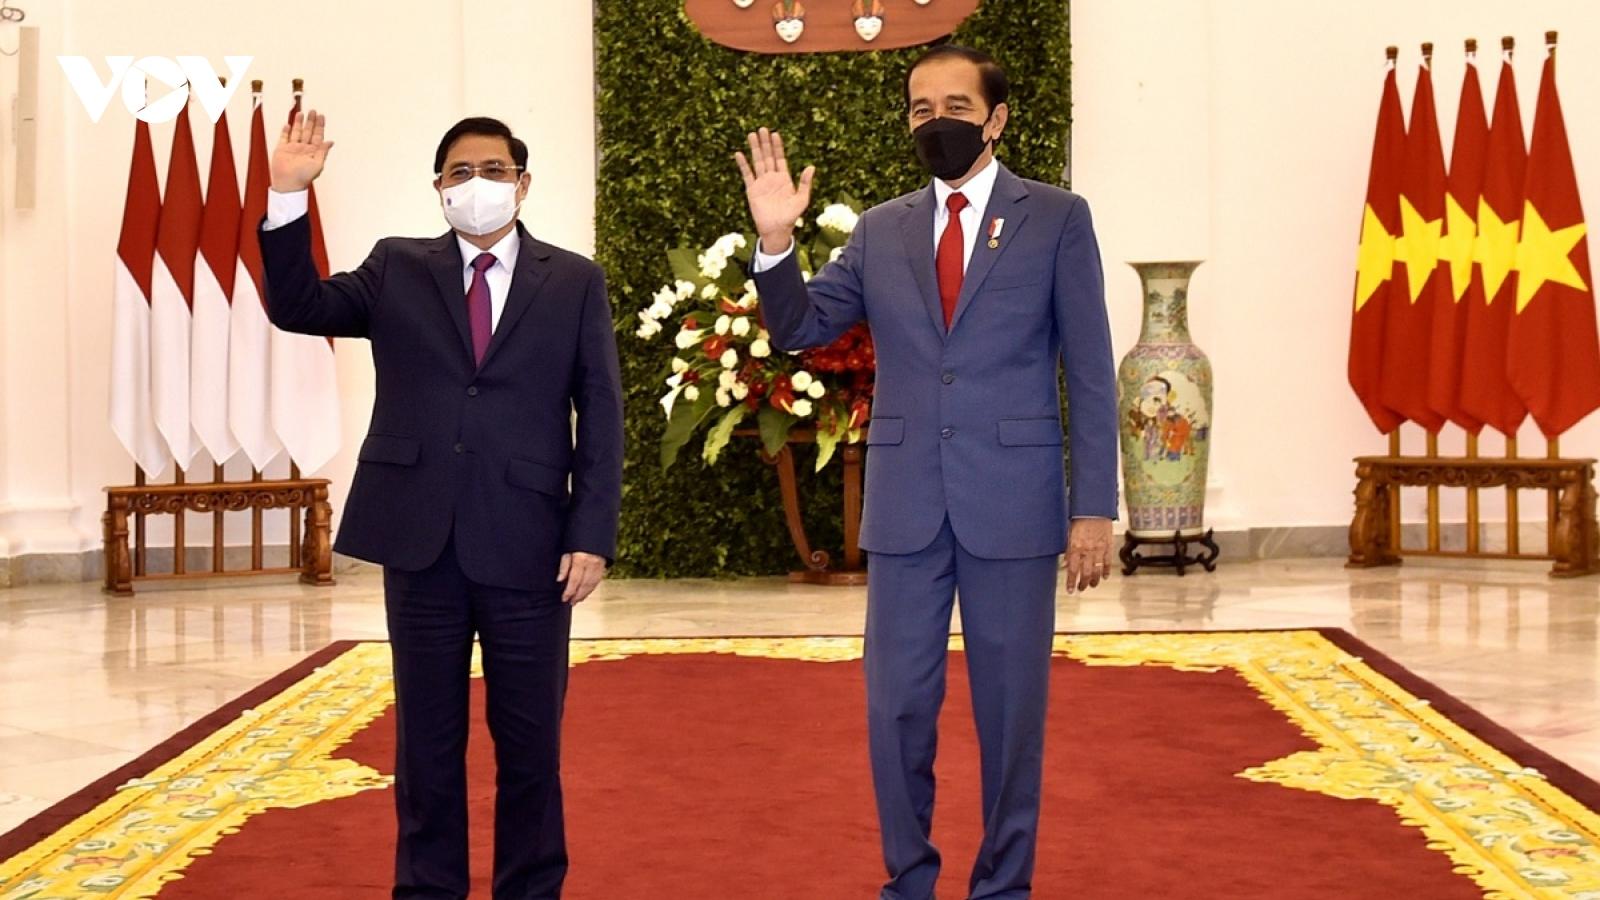 Thủ tướng Phạm Minh Chính chào xã giao Tổng thống Indonesia Joko Widodo